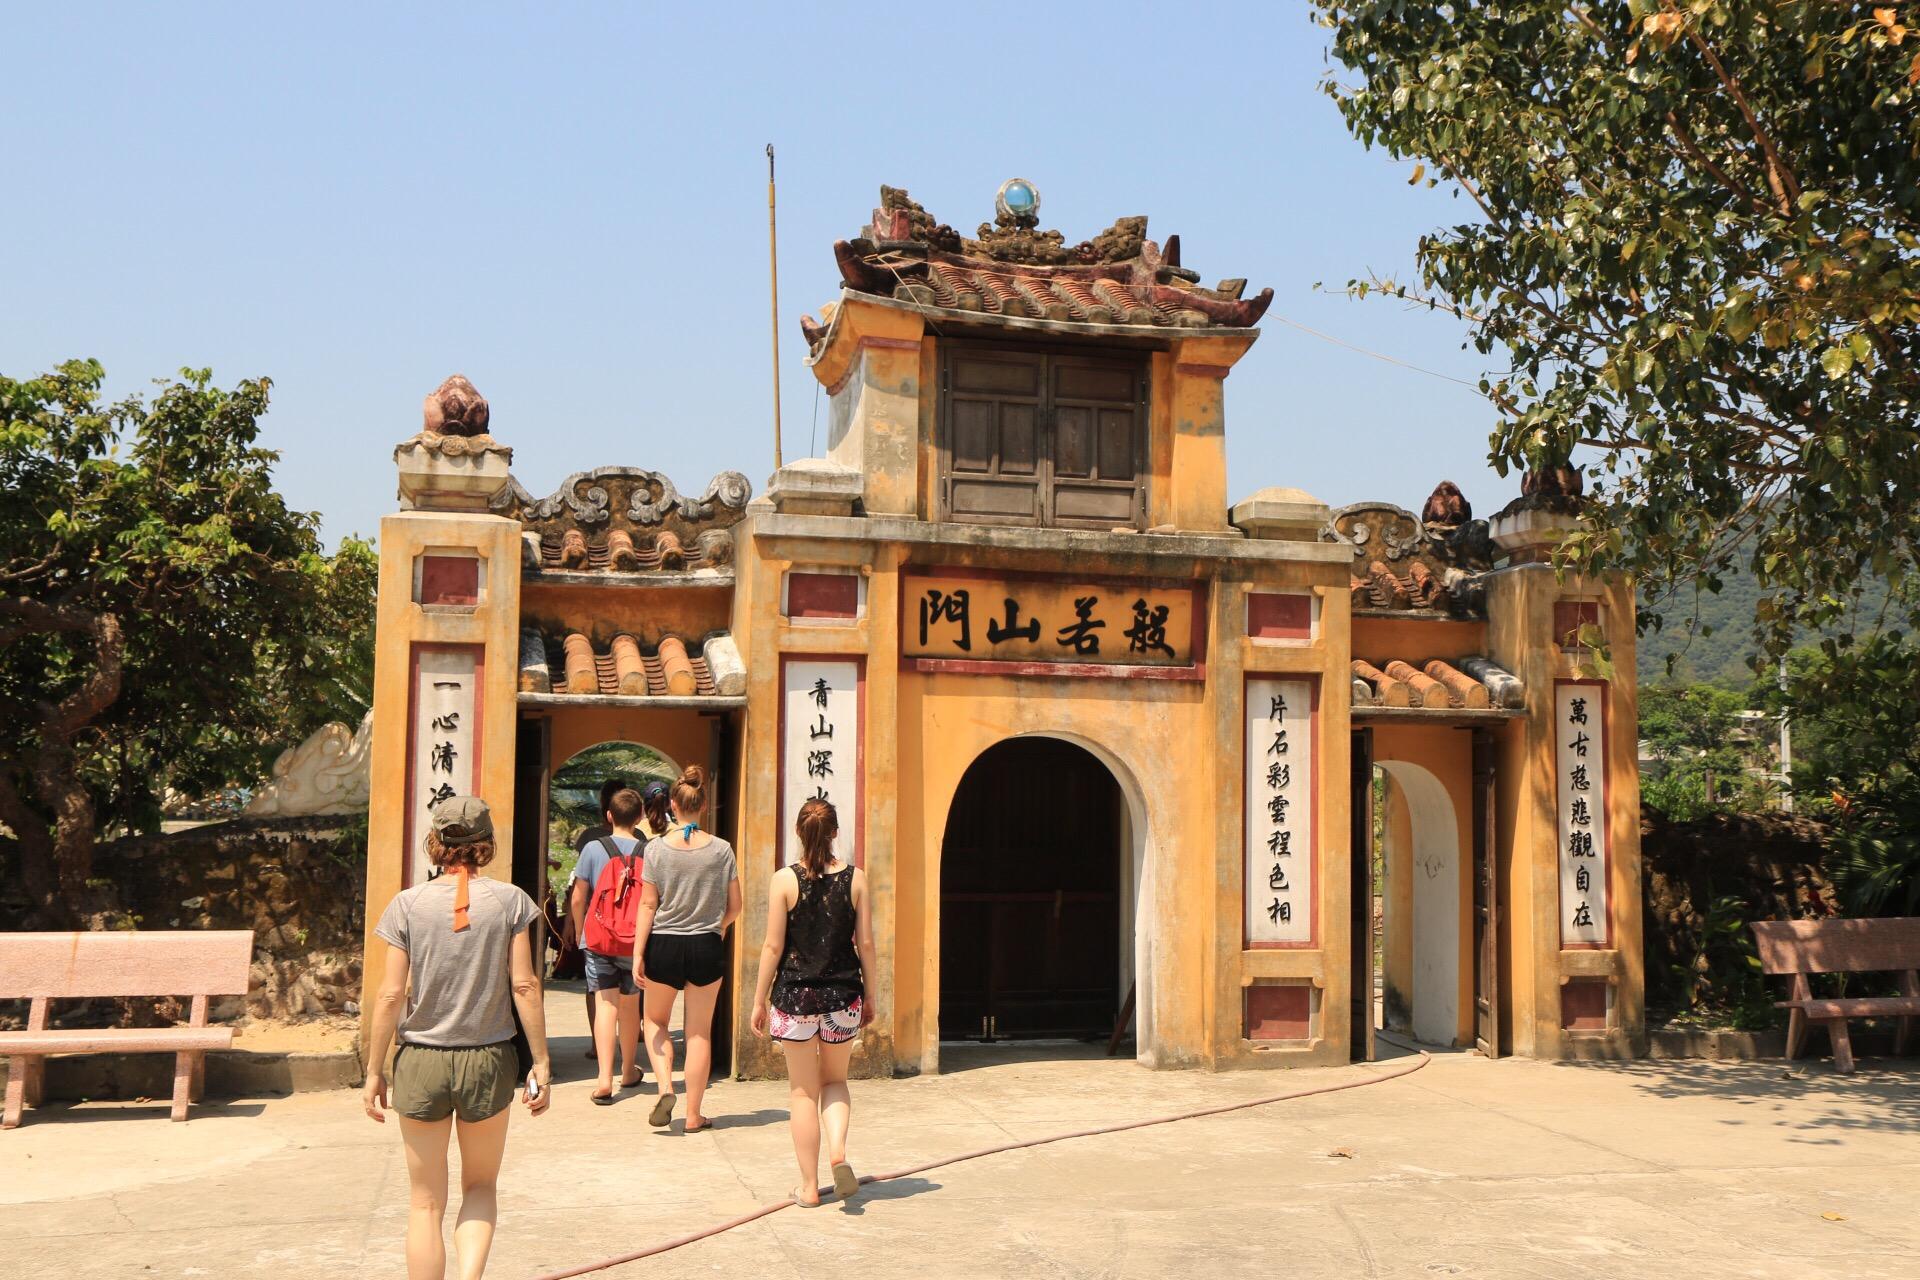 Durch das Tor ging es in den Innenhof der Anlage.